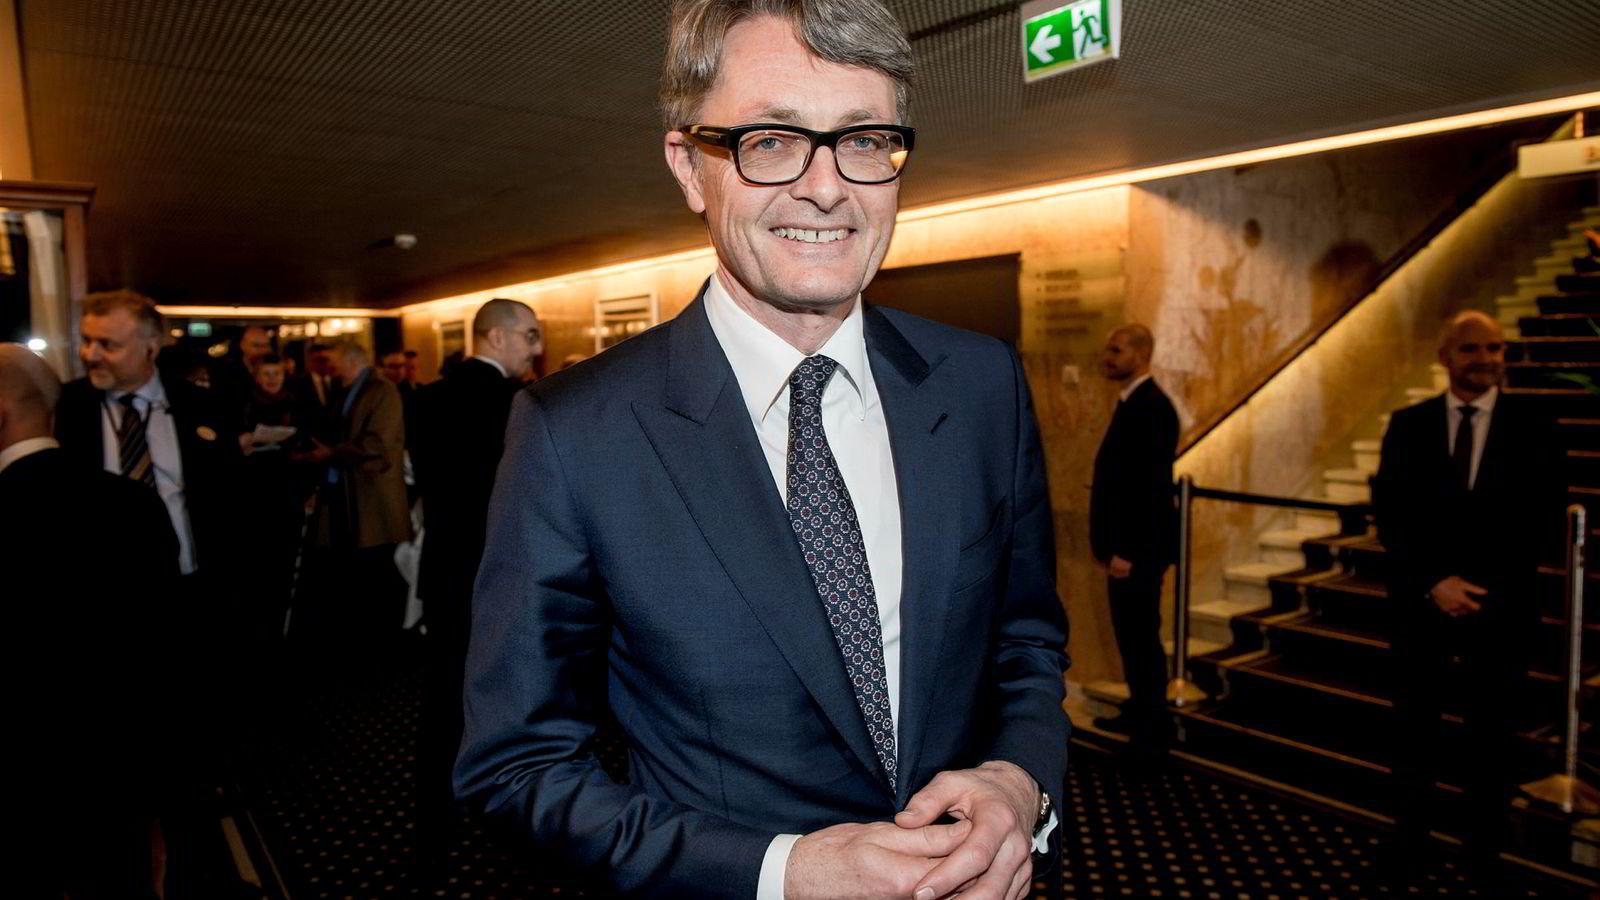 Aker-sjef Øyvind Eriksen på vei inn til festmiddag på Grand hotell i anledning sentralbanksjefens årstale 2018 tidligere i år.